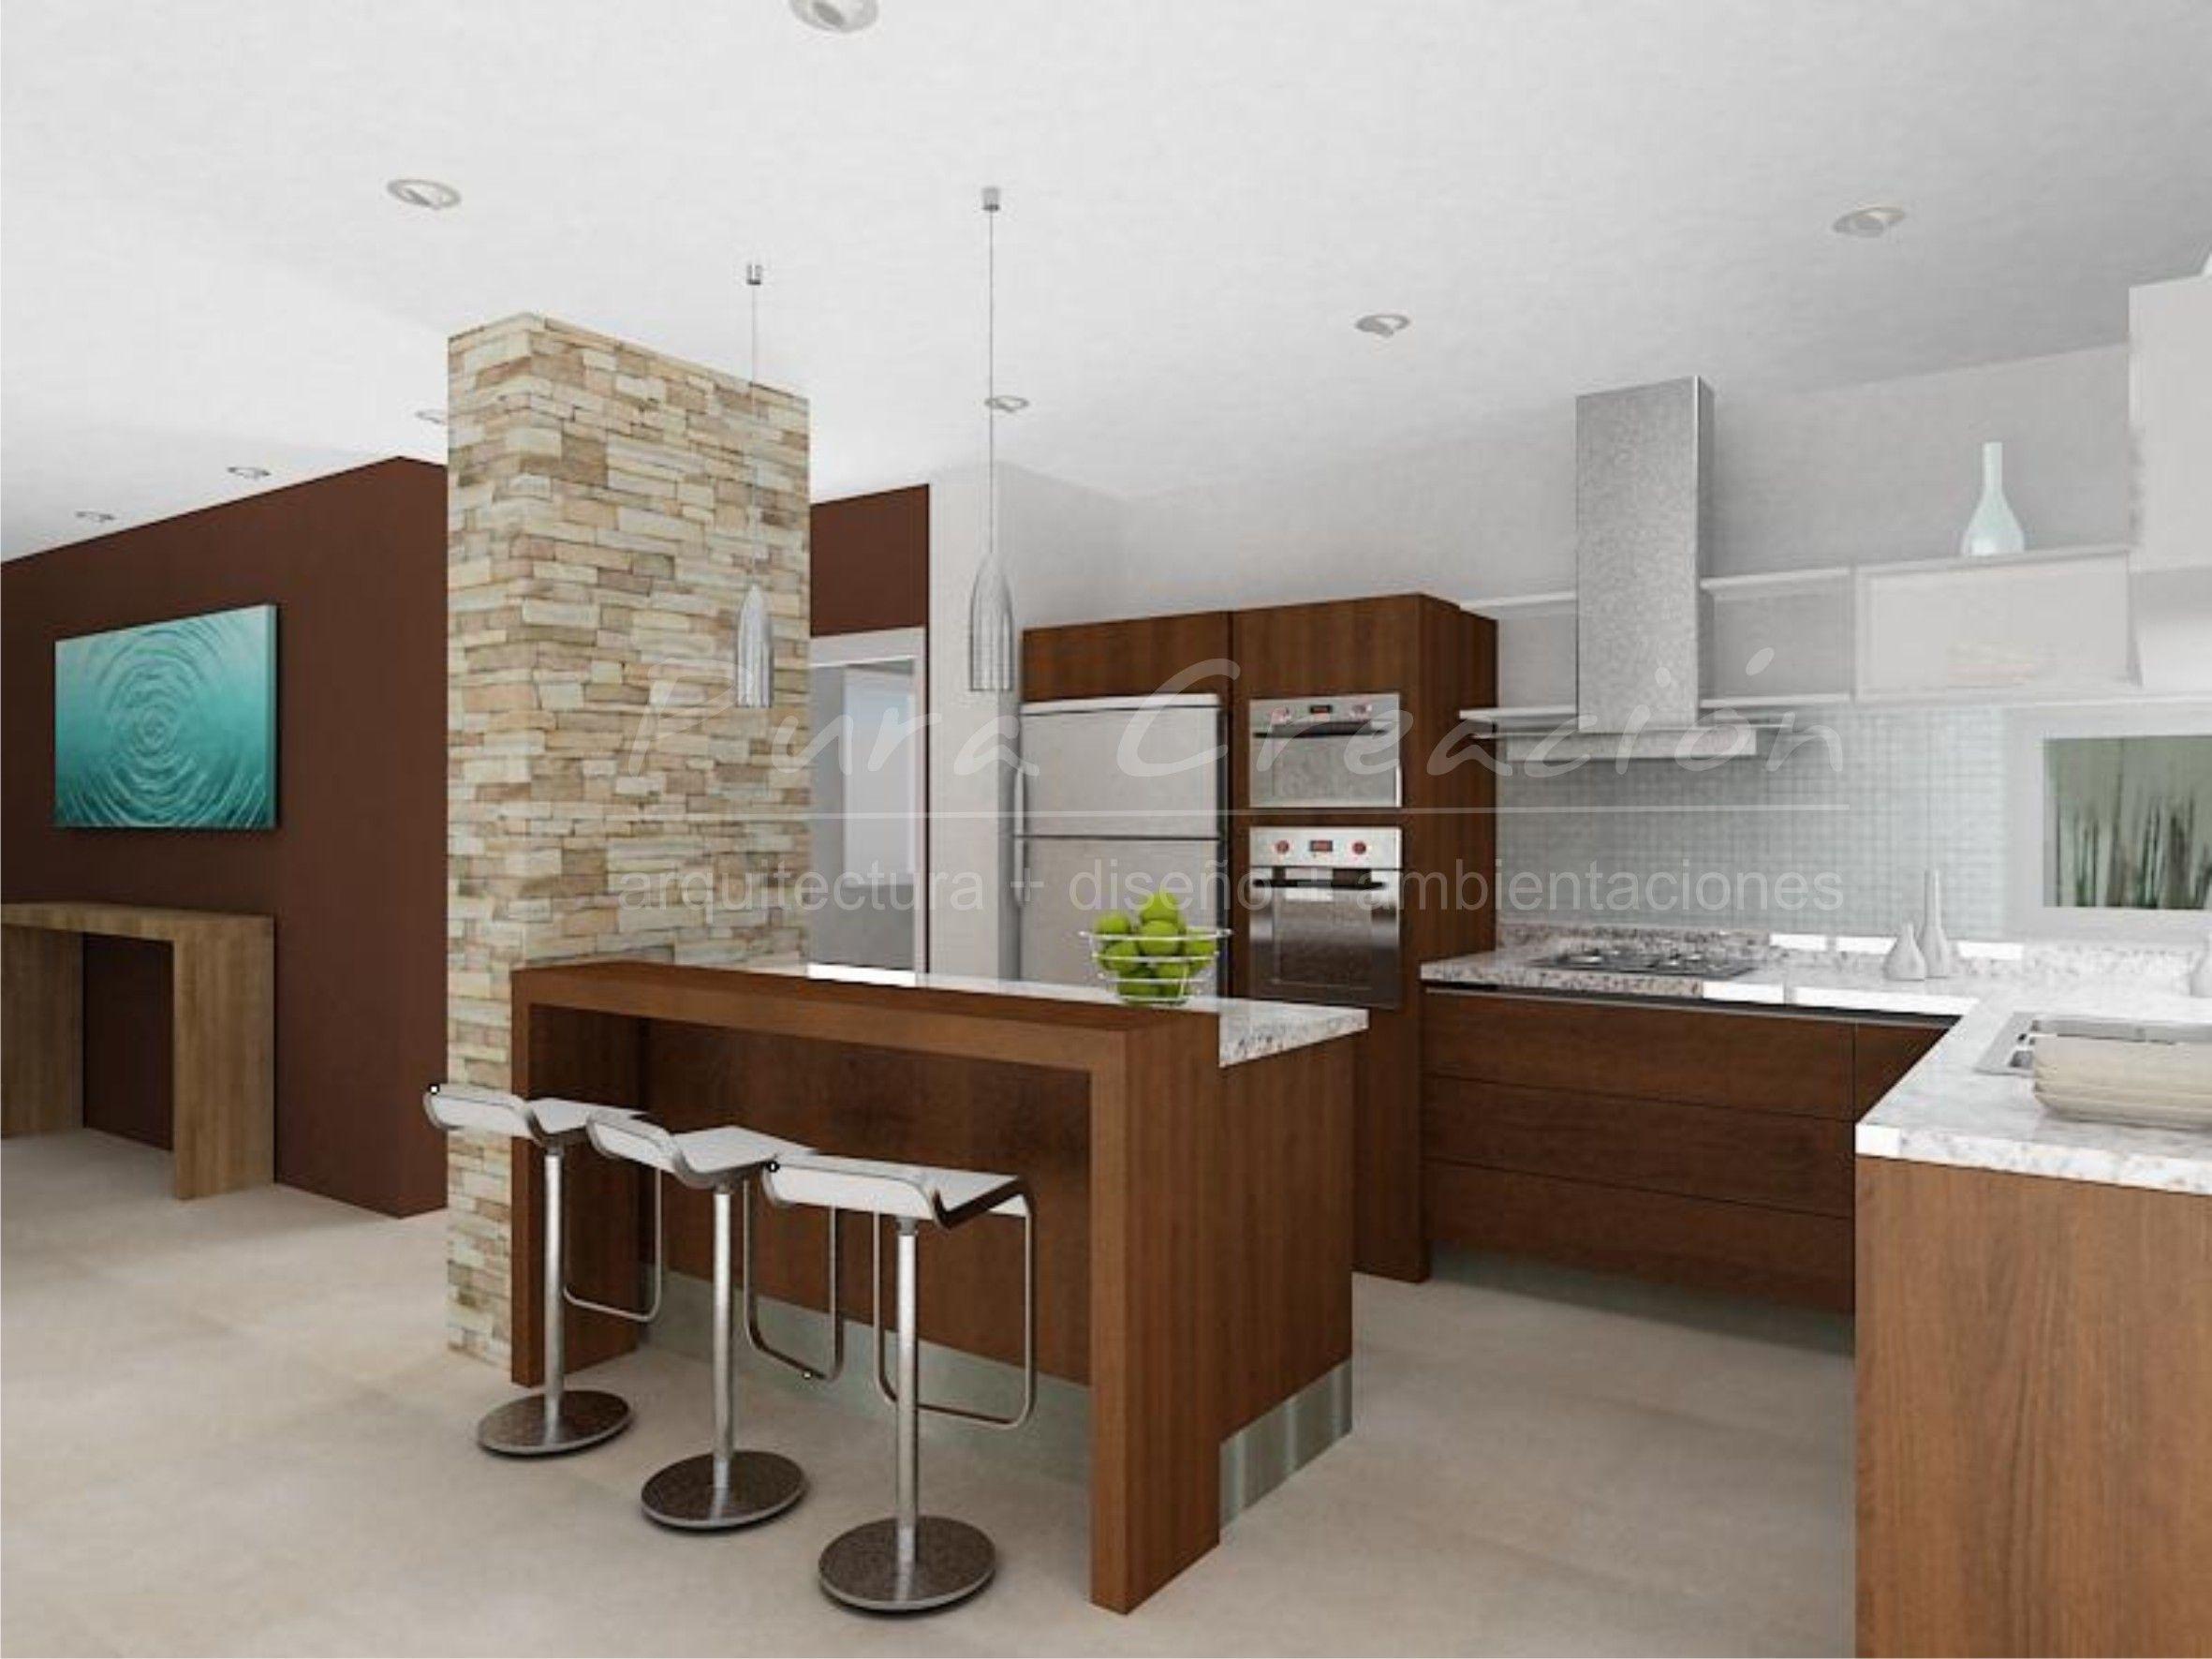 Diseño de Interiores - Imágenes 3D